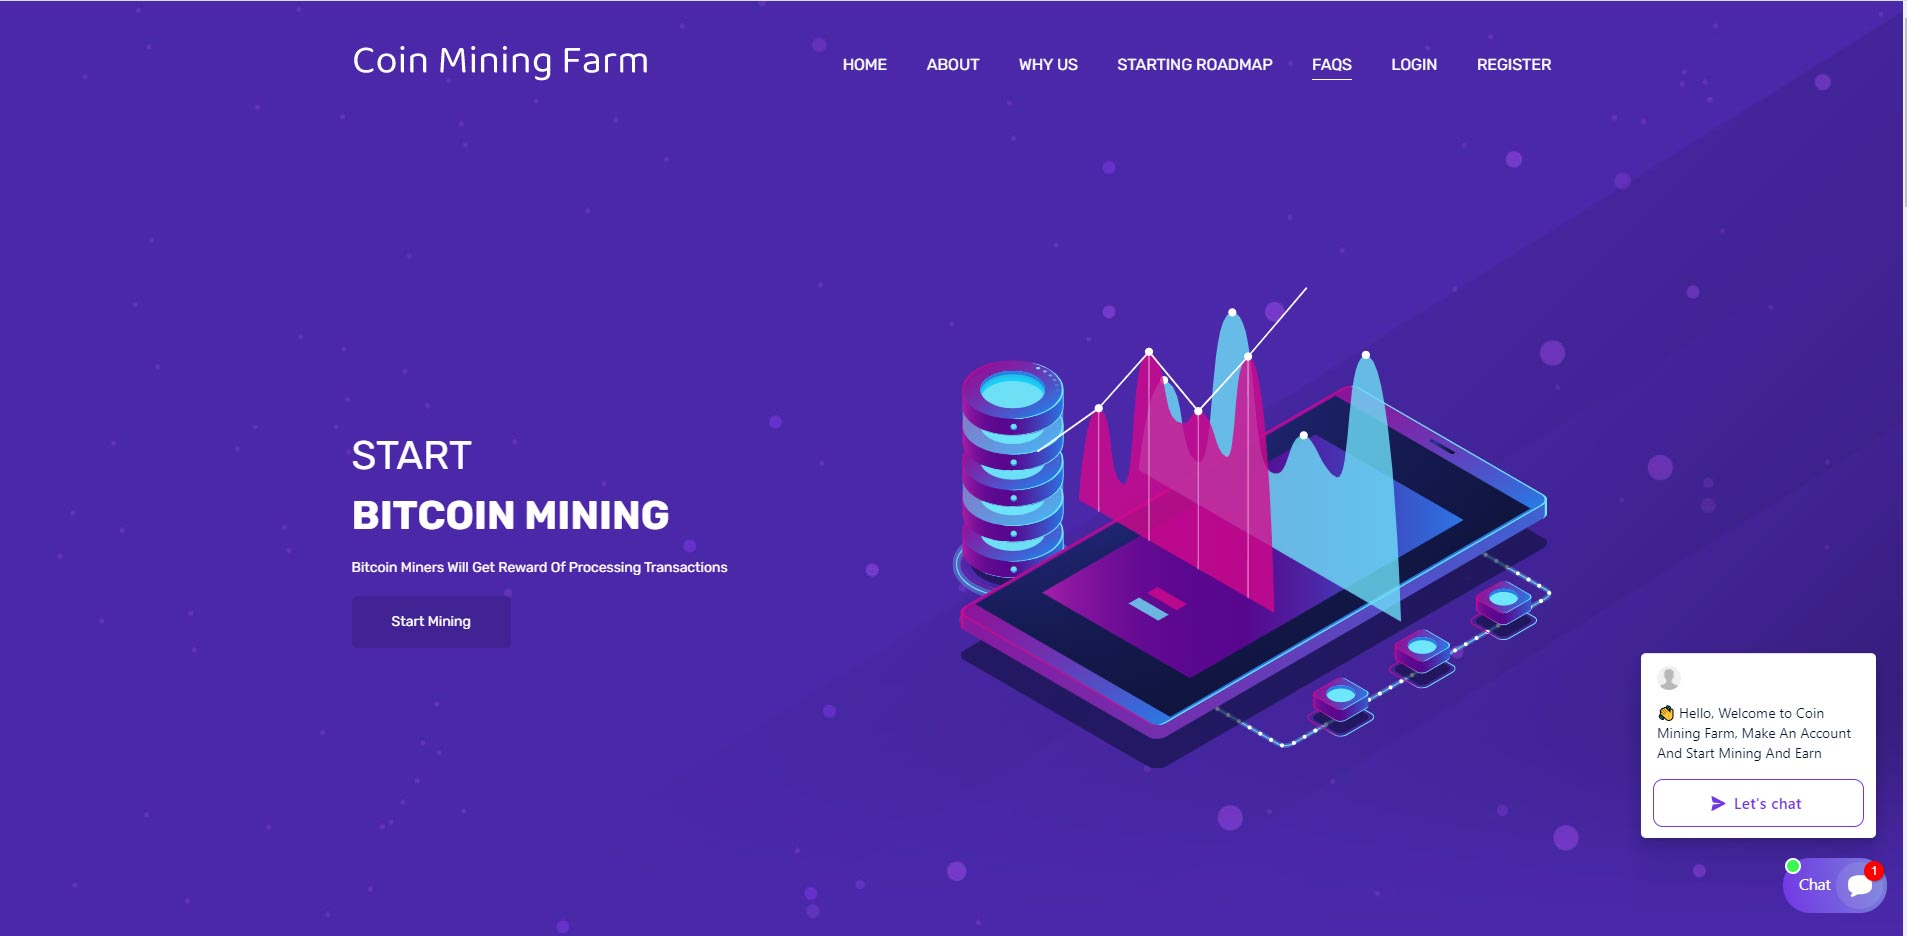 coin mining farm cloud mining